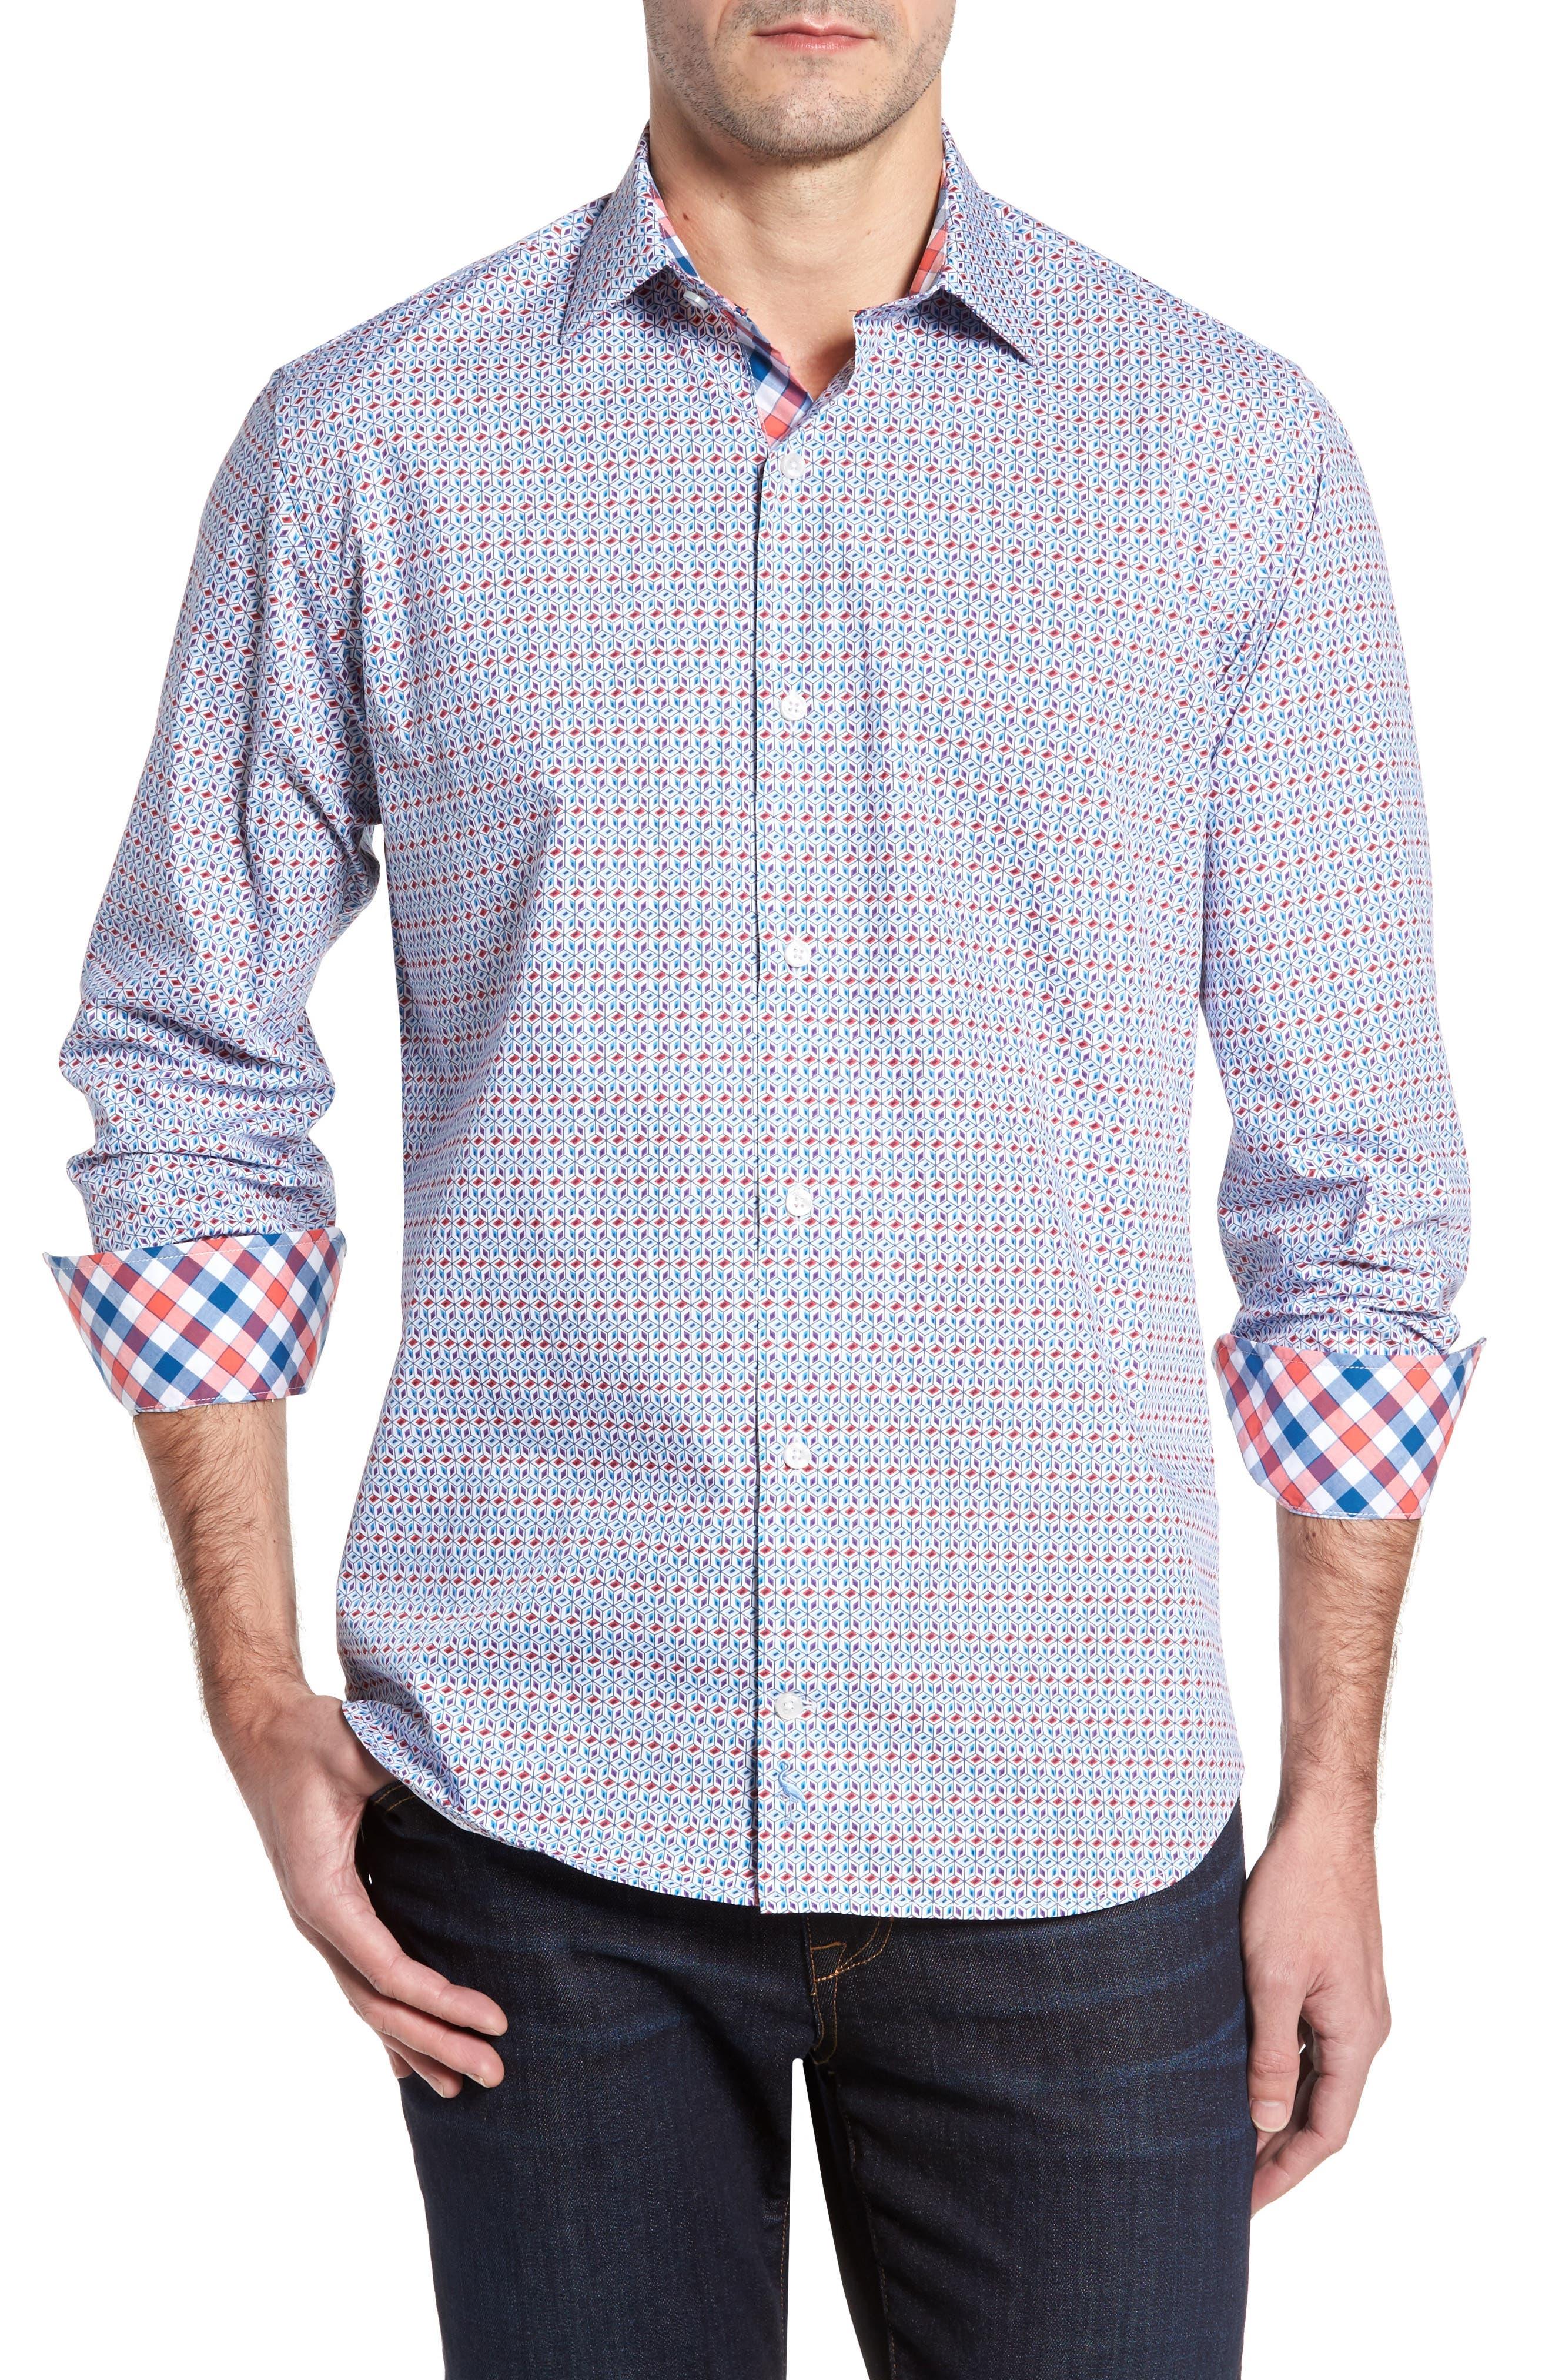 Angia Print Sport Shirt,                             Main thumbnail 1, color,                             400